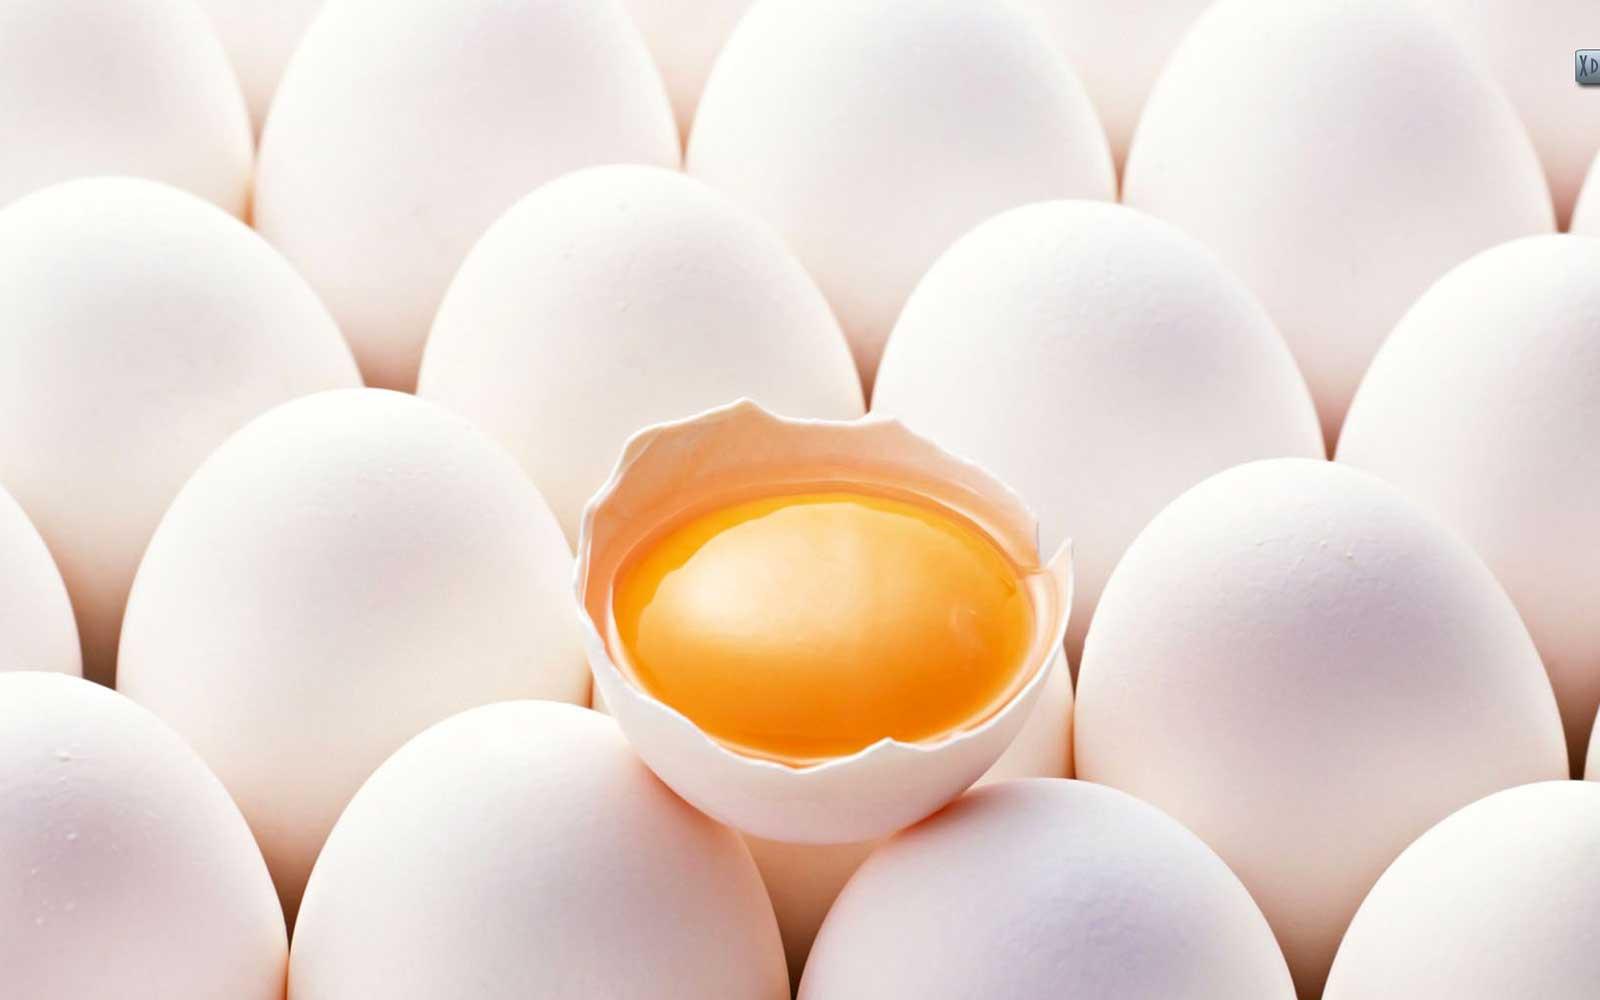 Строение яйца – 10 фактов, о которых вы и не догадывались ????????